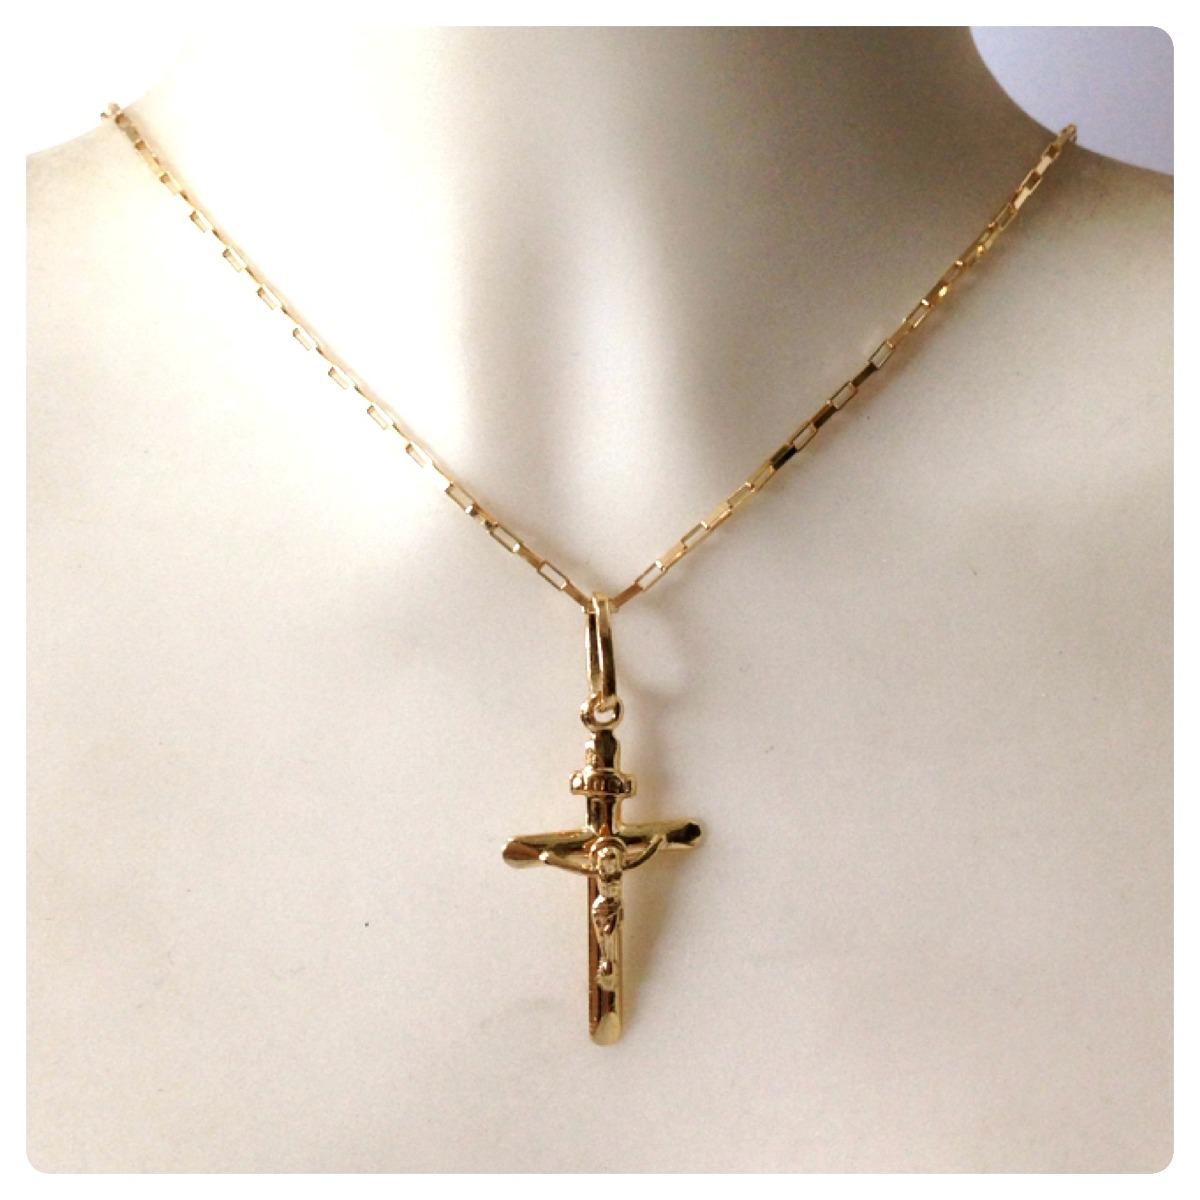 Corrente Masculina De 60cm Com 2.6grs E Crucifixo Ouro 18k - R  759 ... dce3610138